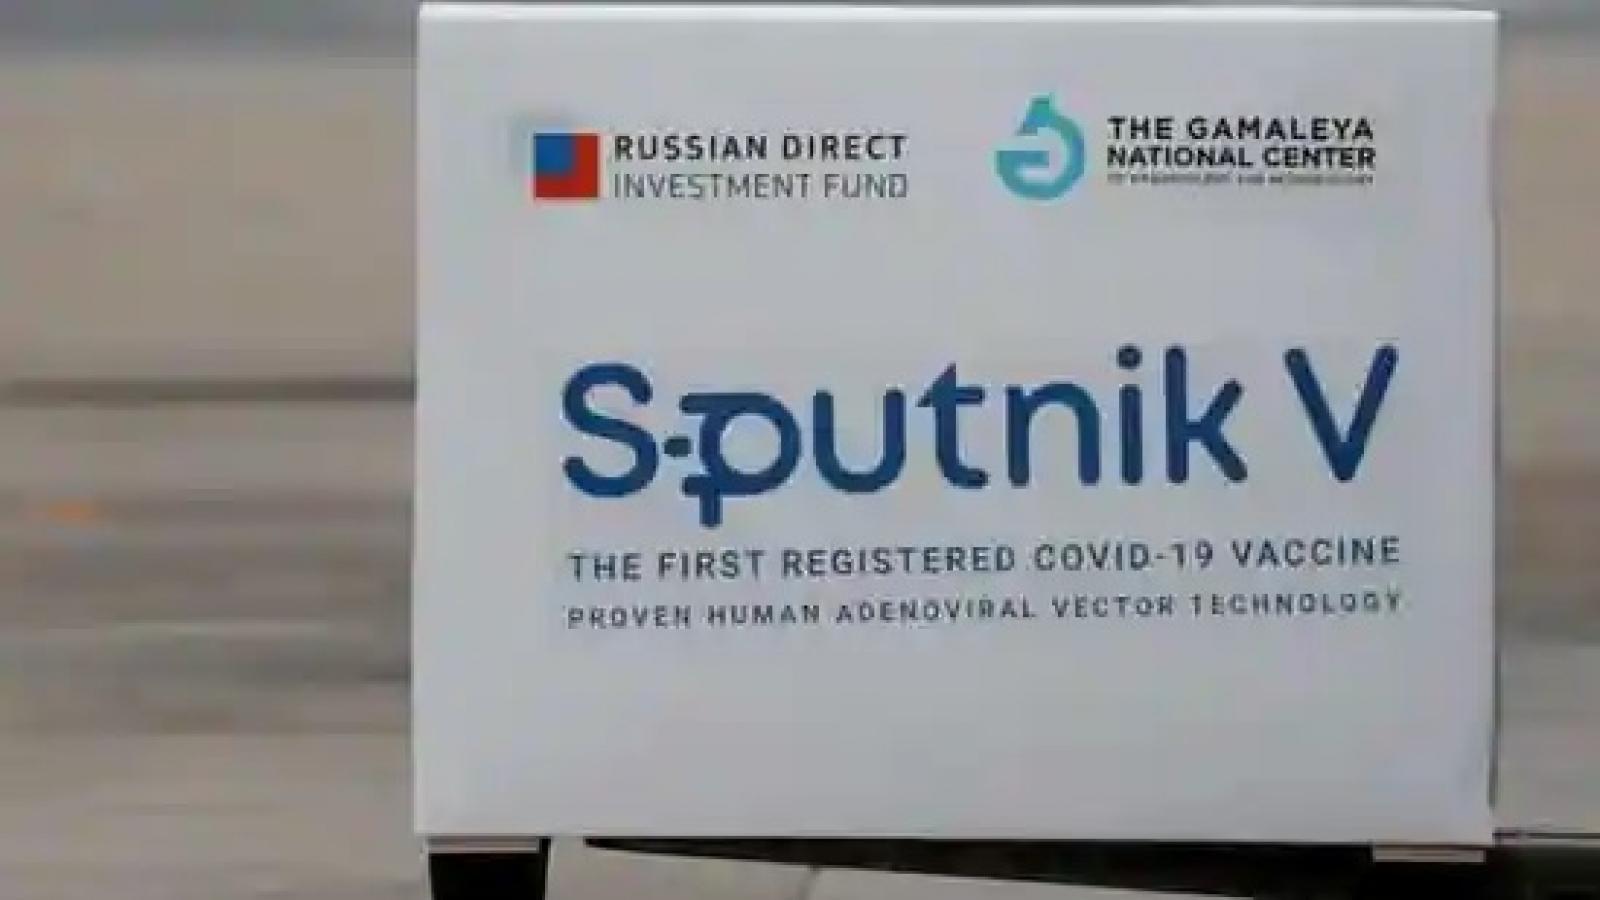 4 công ty dược Ấn Độ được quyền sản xuất vaccine Sputnik V của Nga